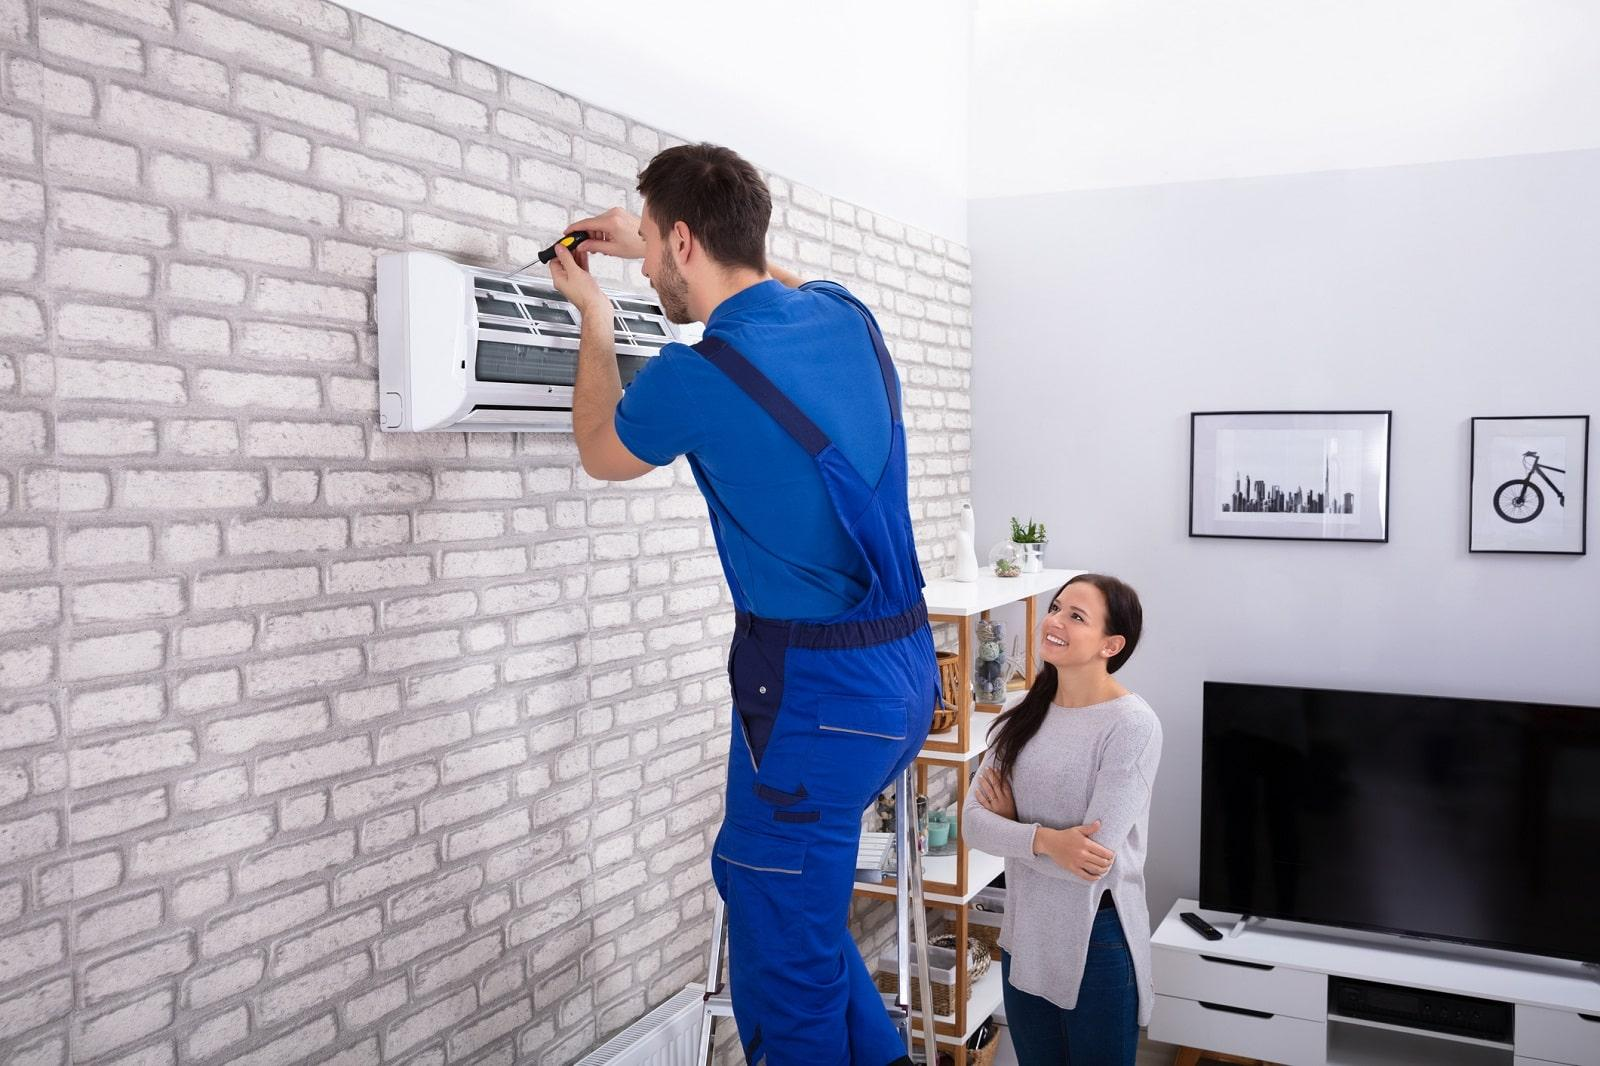 Na co należy zwrócić uwagę przy montażu systemu klimatyzacji?